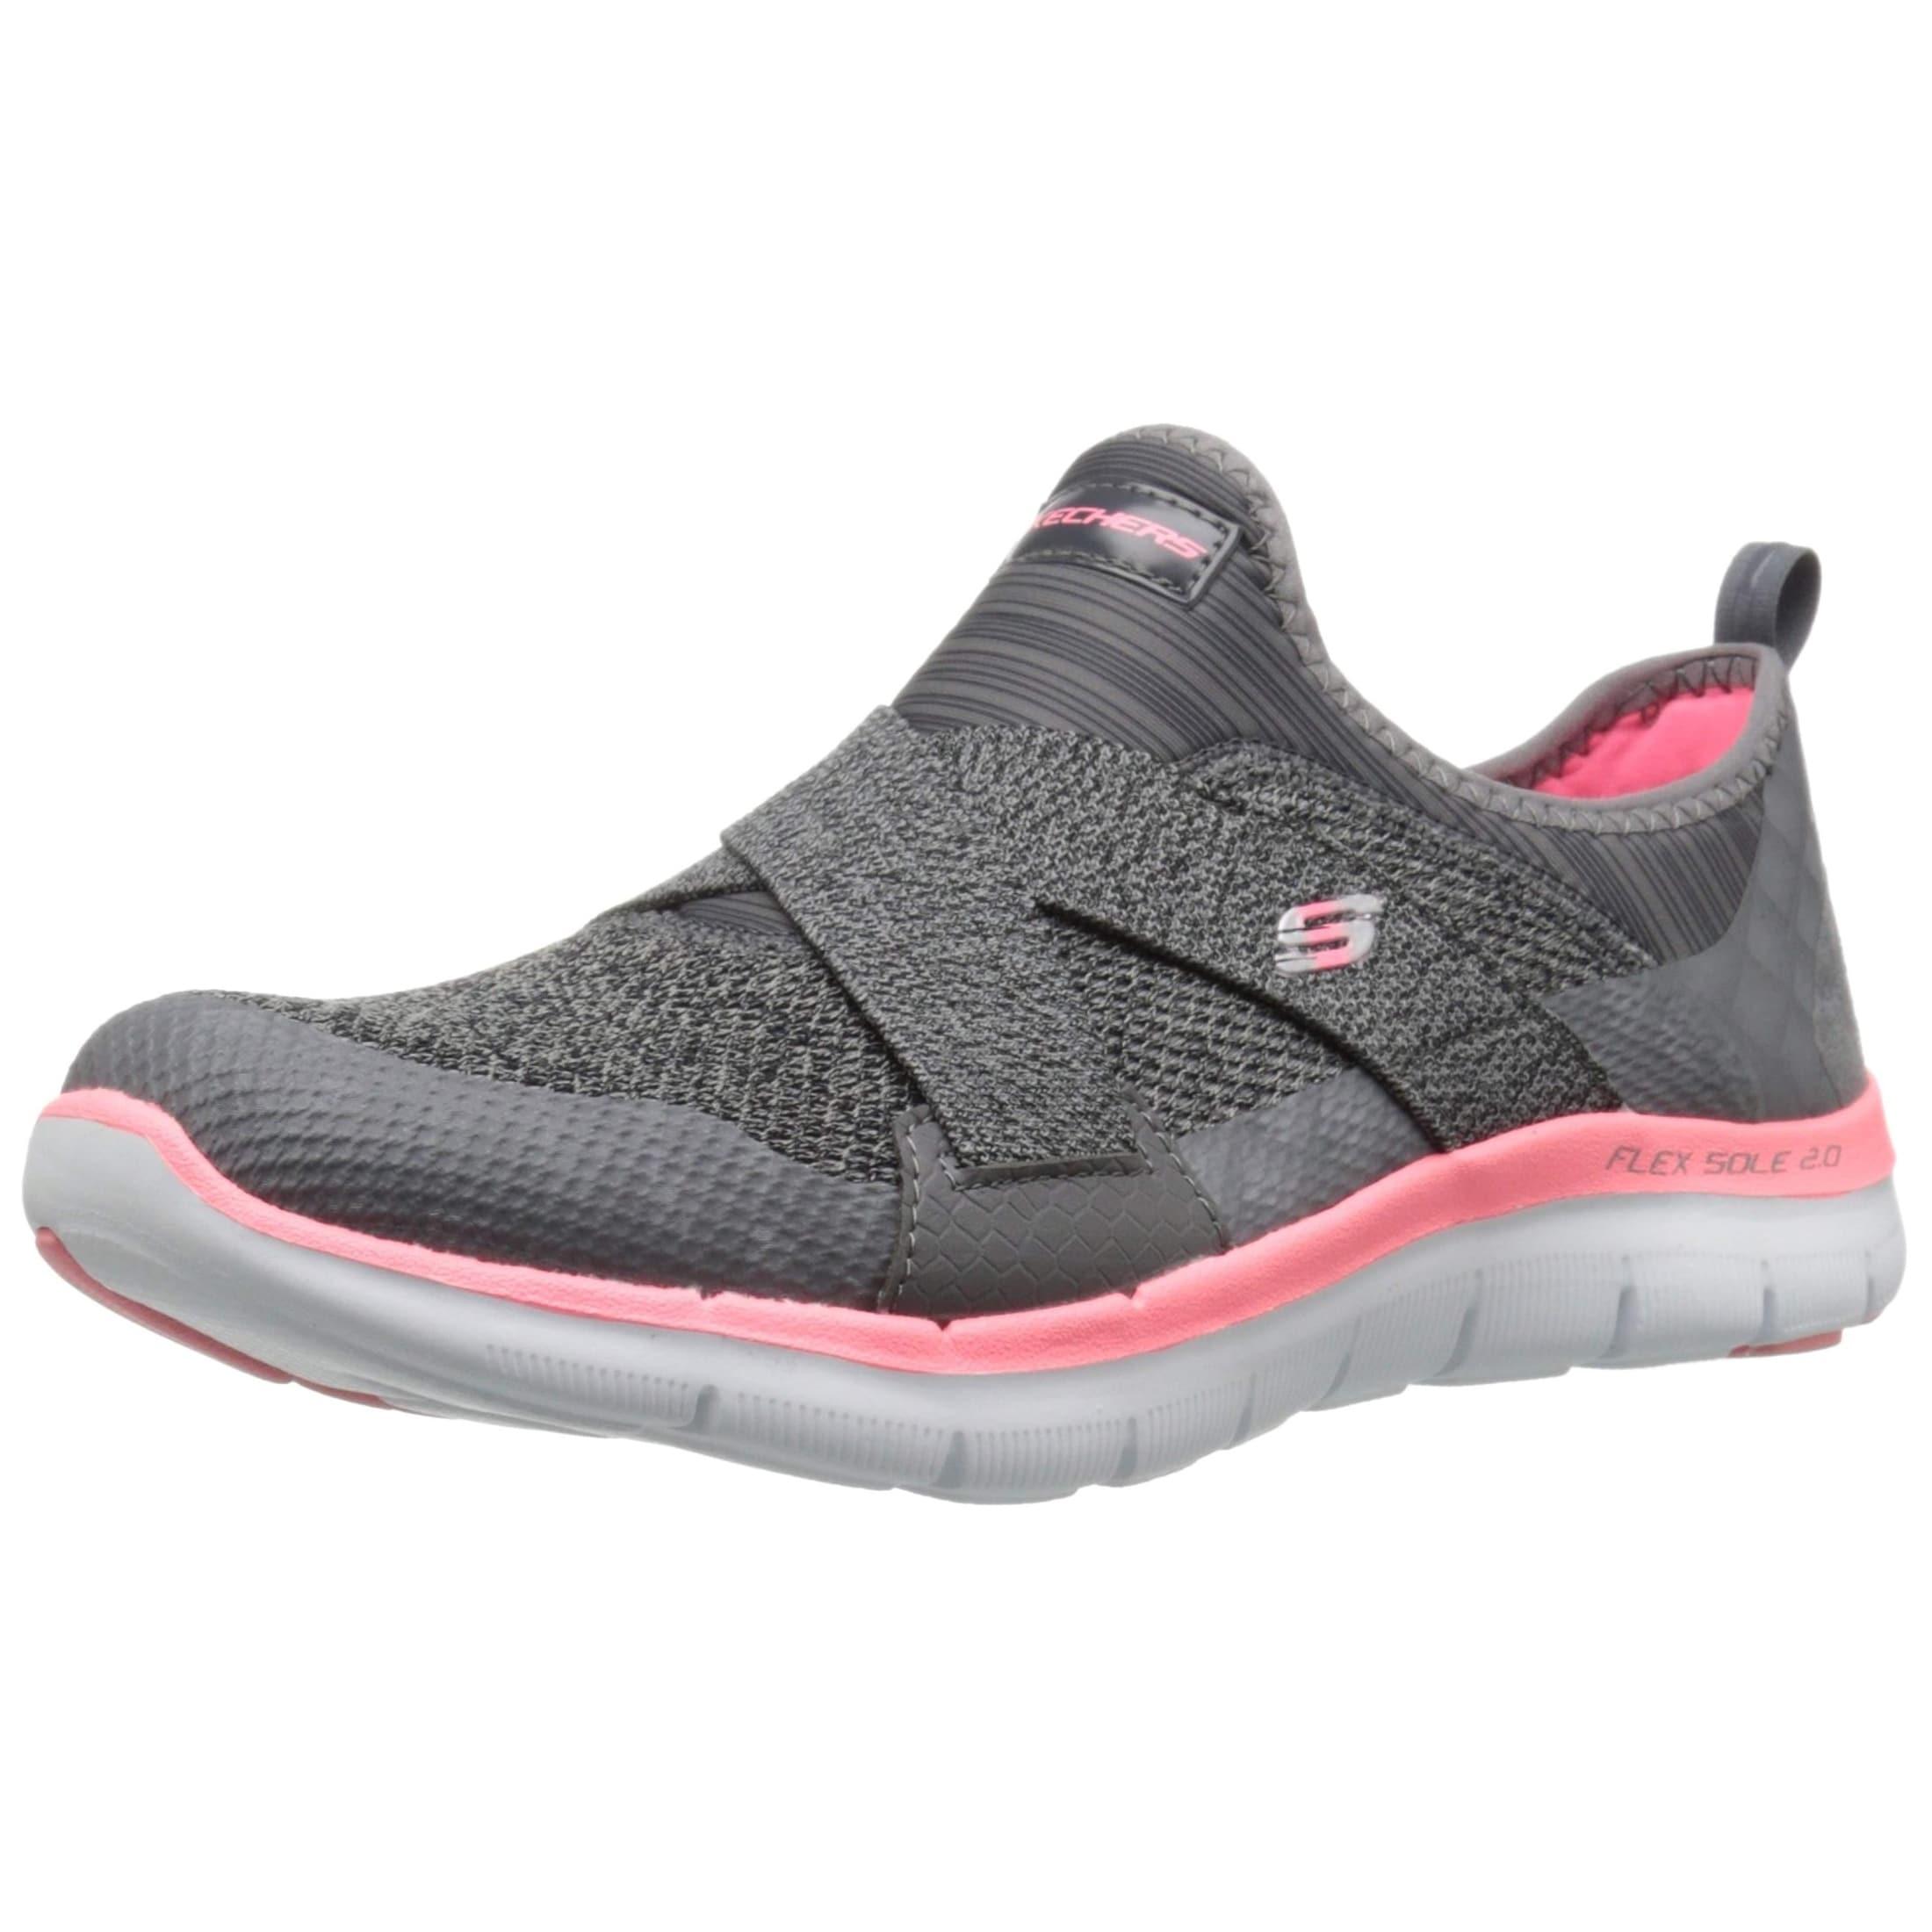 1f01cab2209f Shop Skechers Sport Women s Flex Appeal 2.0 New Image Fashion Sneaker